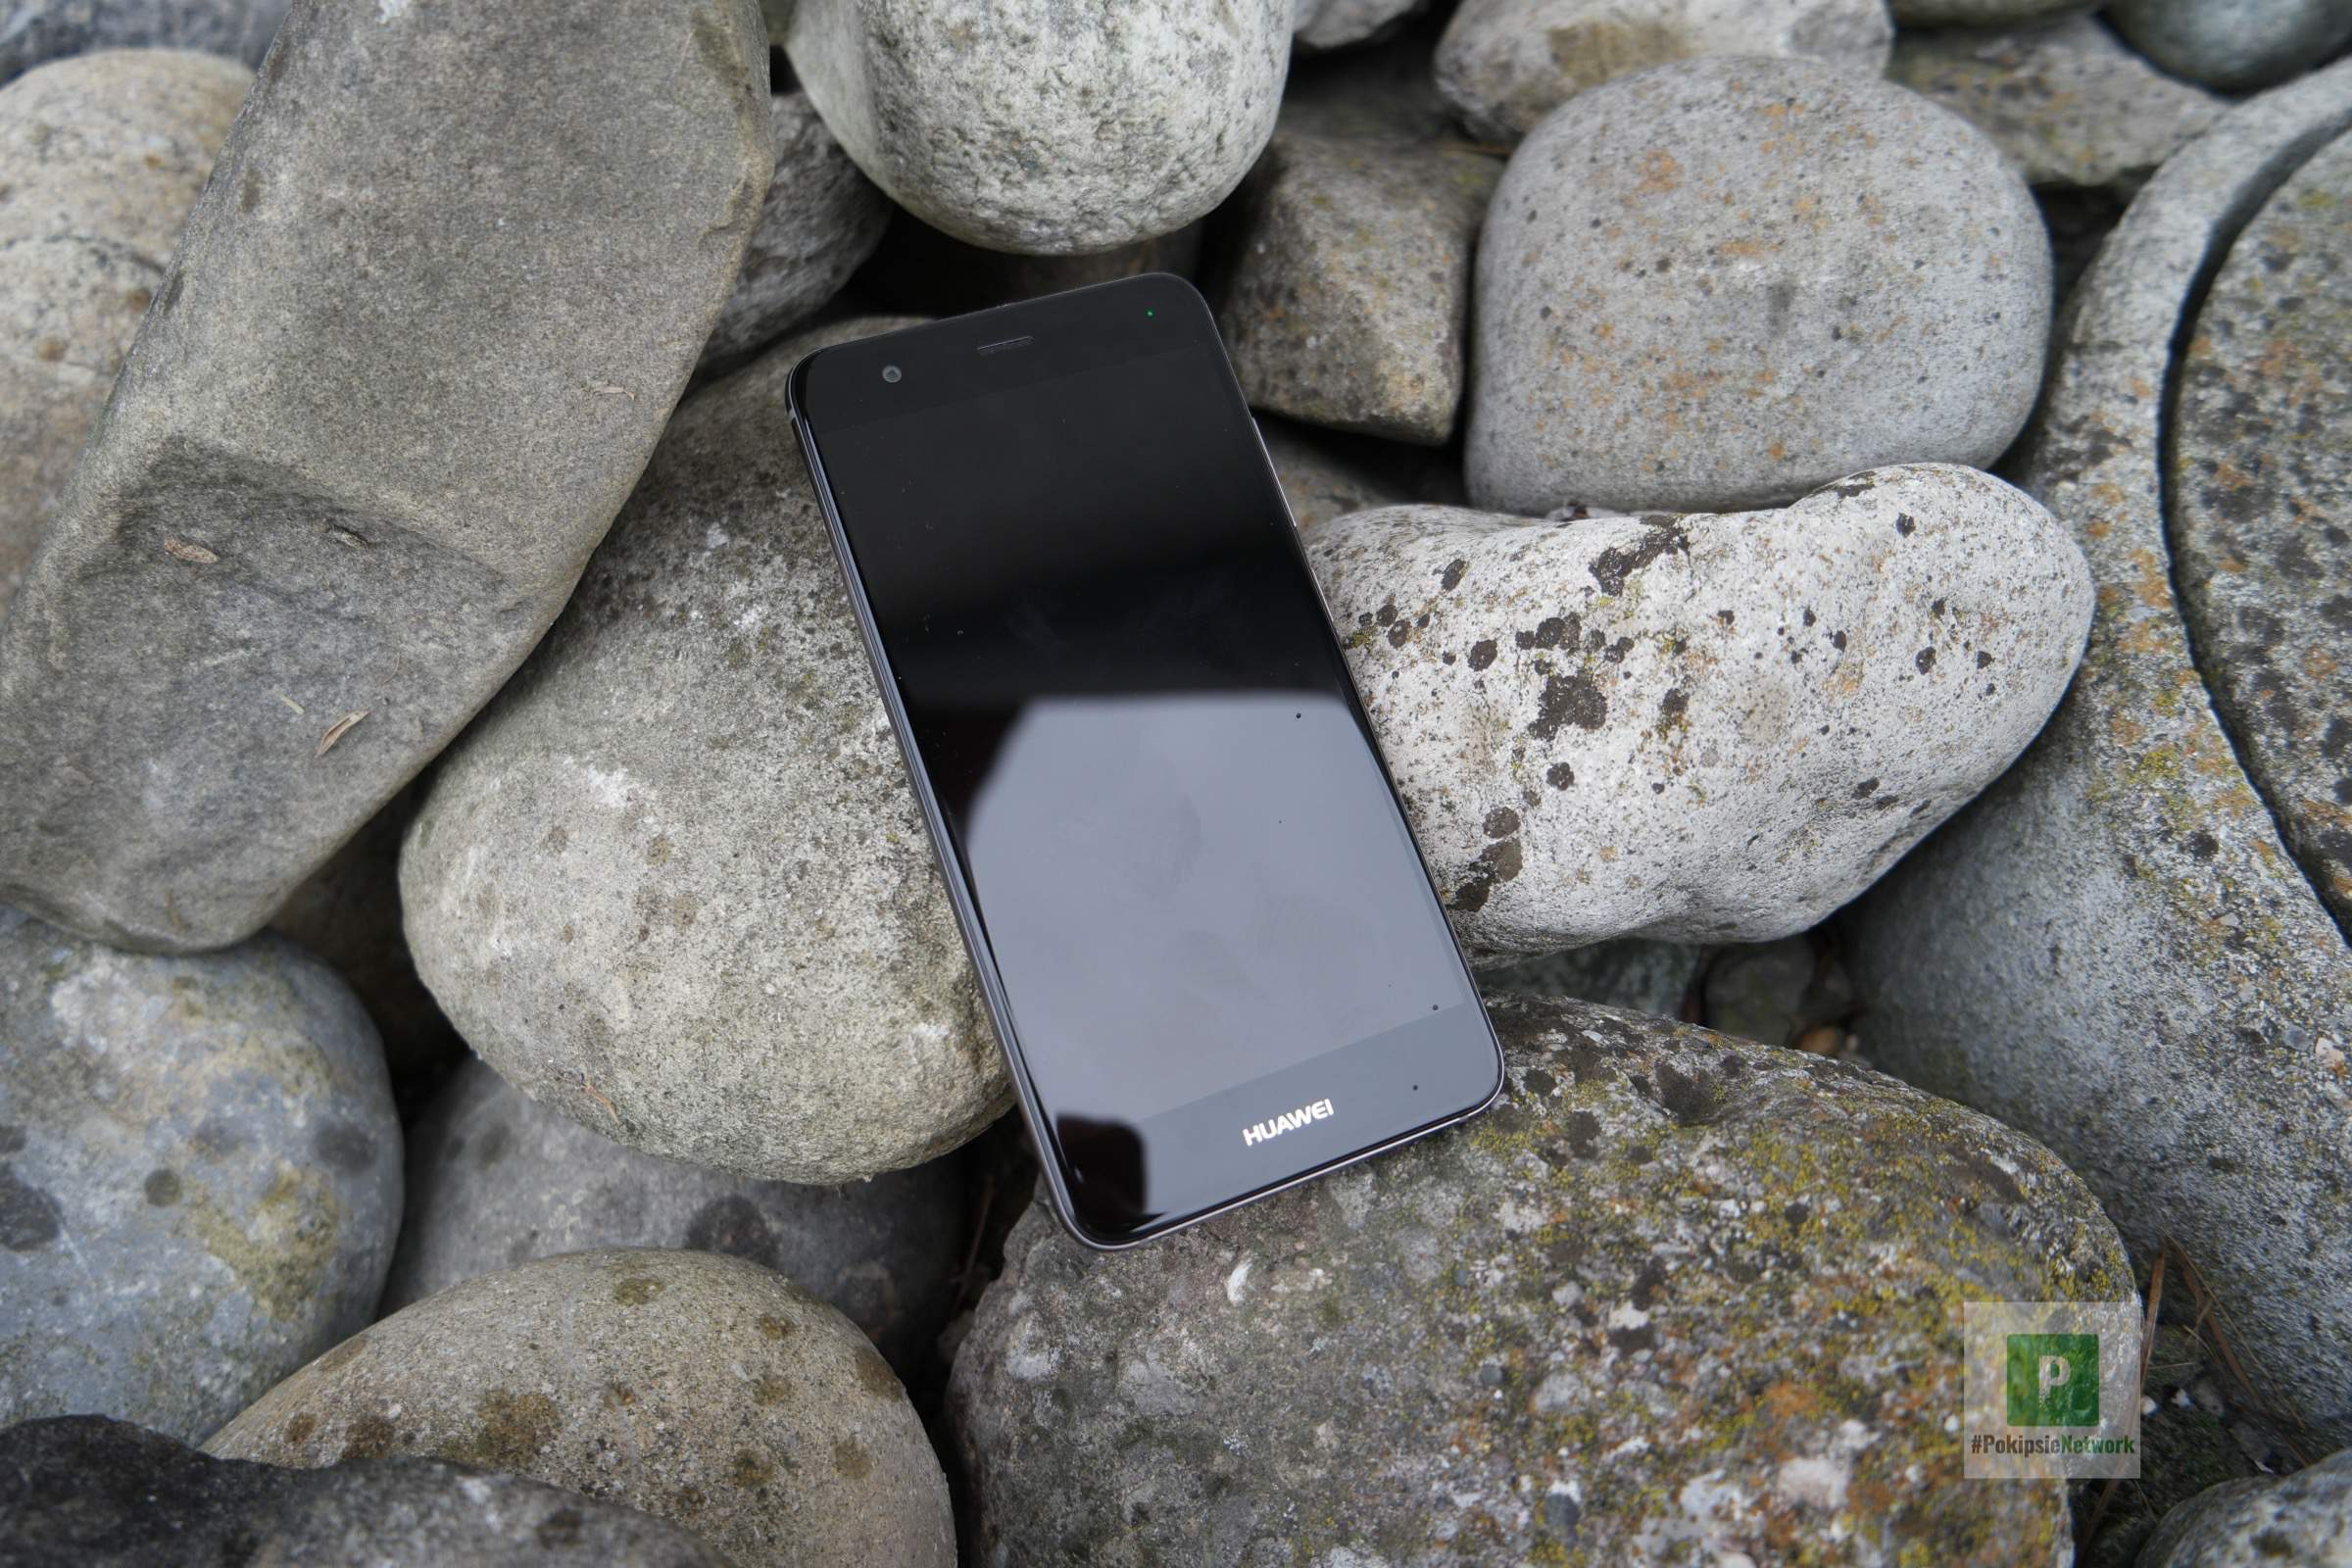 Huawei Nova Testbericht nach einem Monat im Einsatz